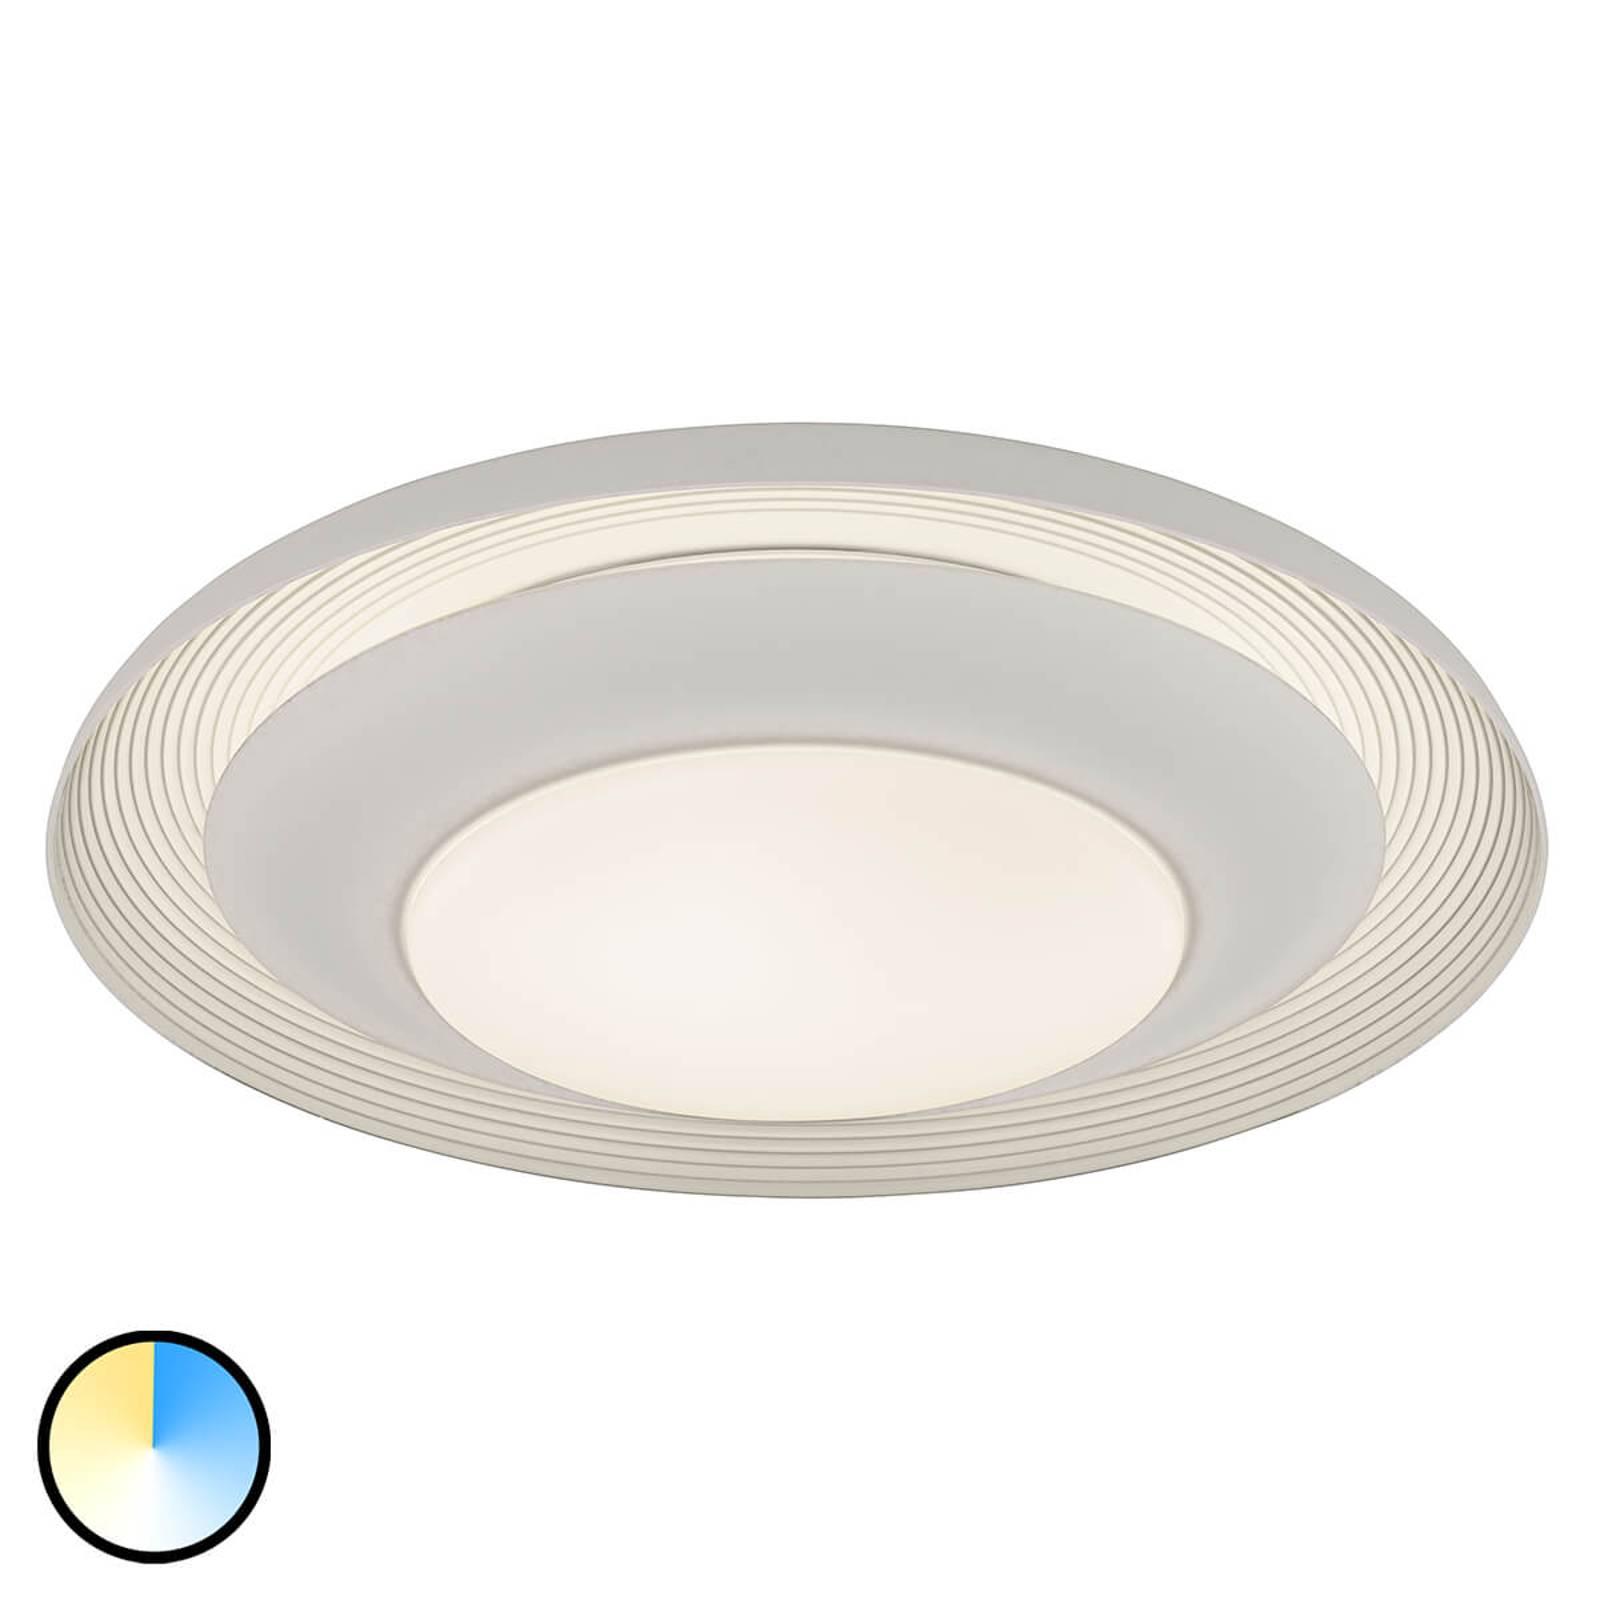 Zmienna barwa światła: lampa sufitowa LED Canicosa